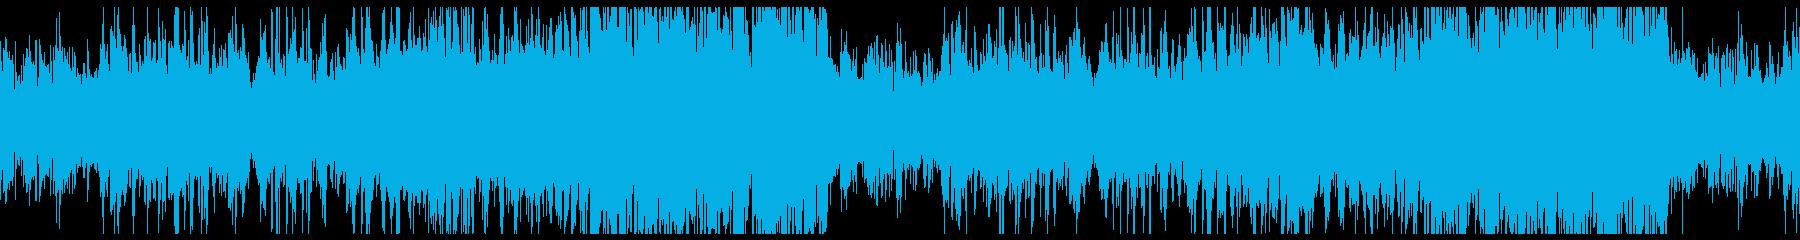 FF・ピアノニューコンテニューループの再生済みの波形